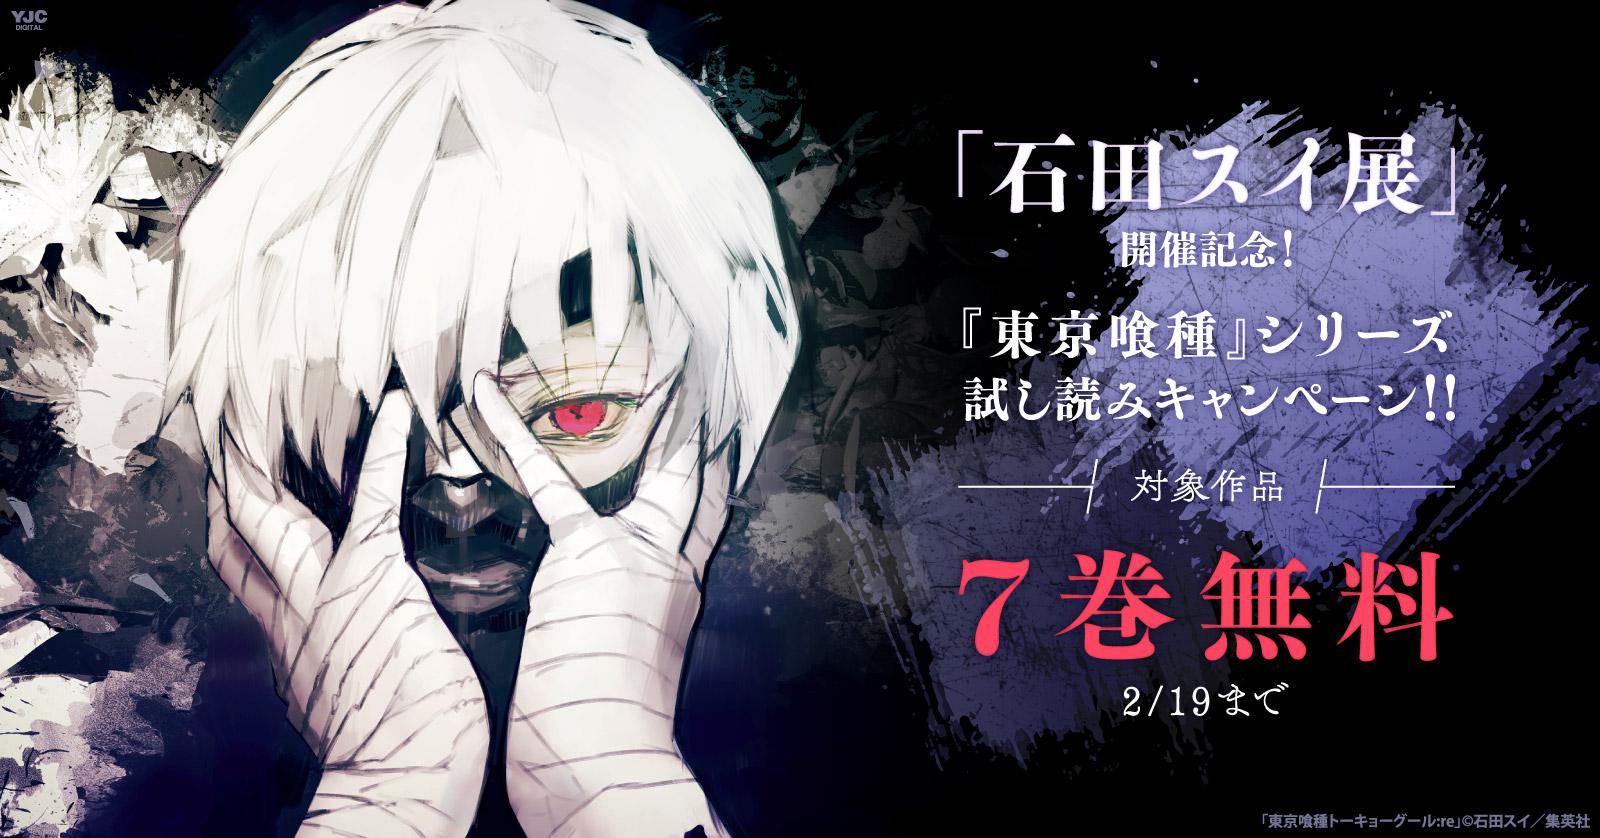 「石田スイ展」開催記念!『東京喰種』シリーズ試し読みキャンペーン!!